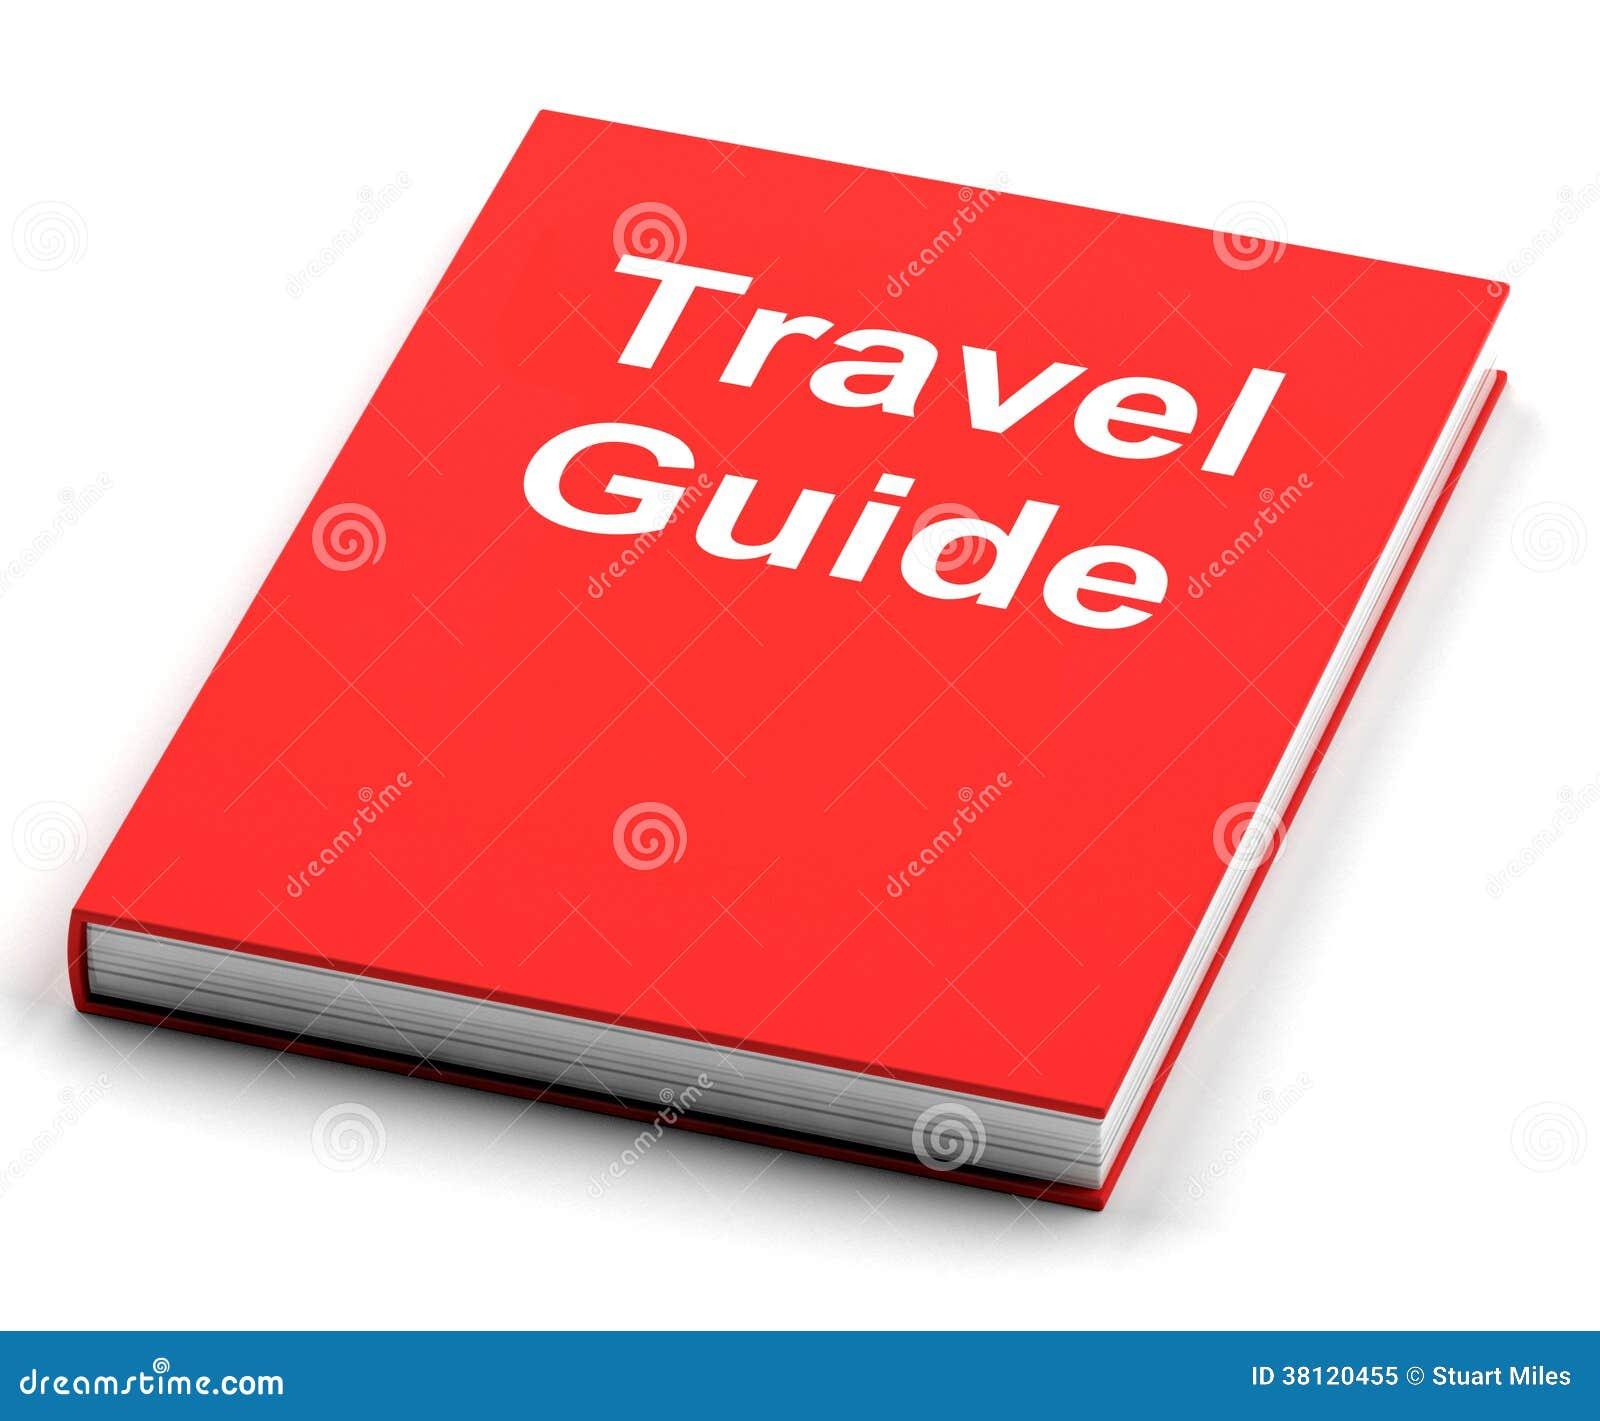 Ο τουριστικός οδηγός ταξιδιού παρουσιάζει πληροφορίες για τα ταξίδια